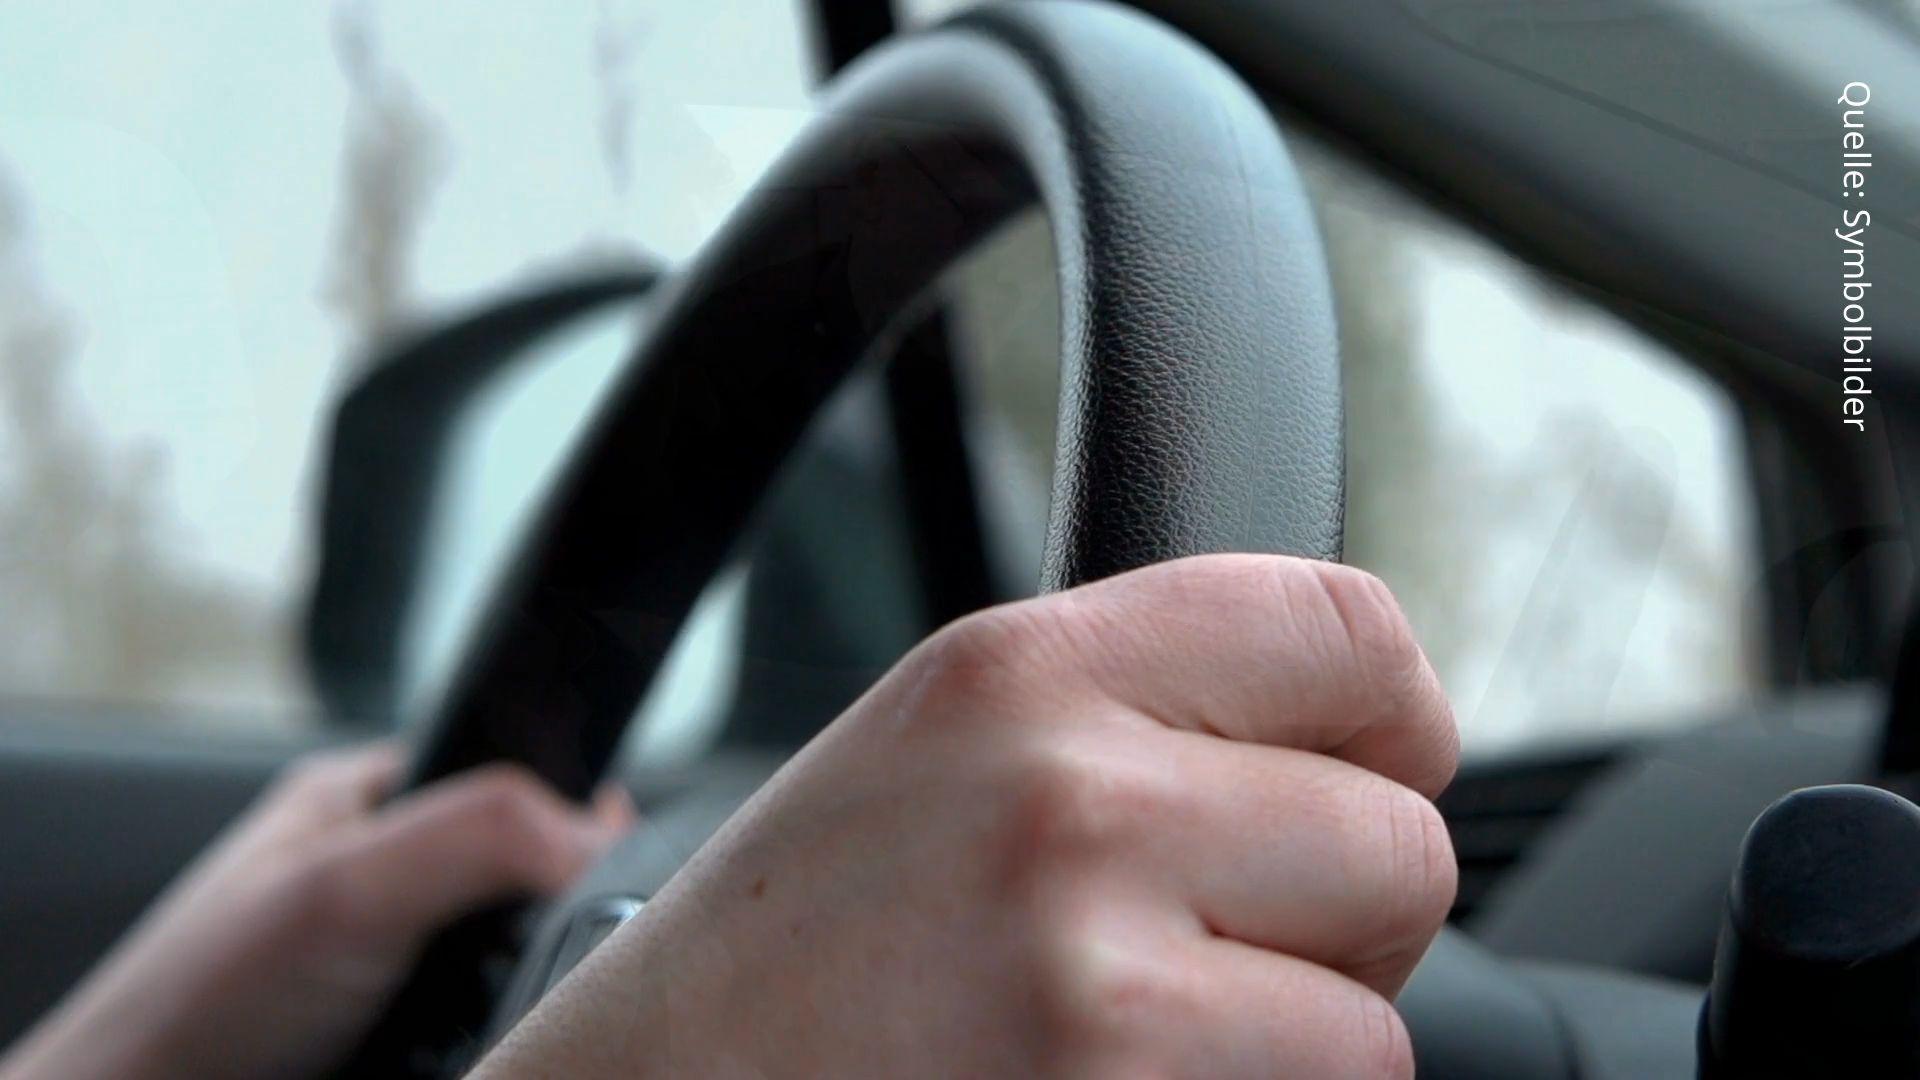 Führerschein-Umtausch – die ersten Fristen laufen ab